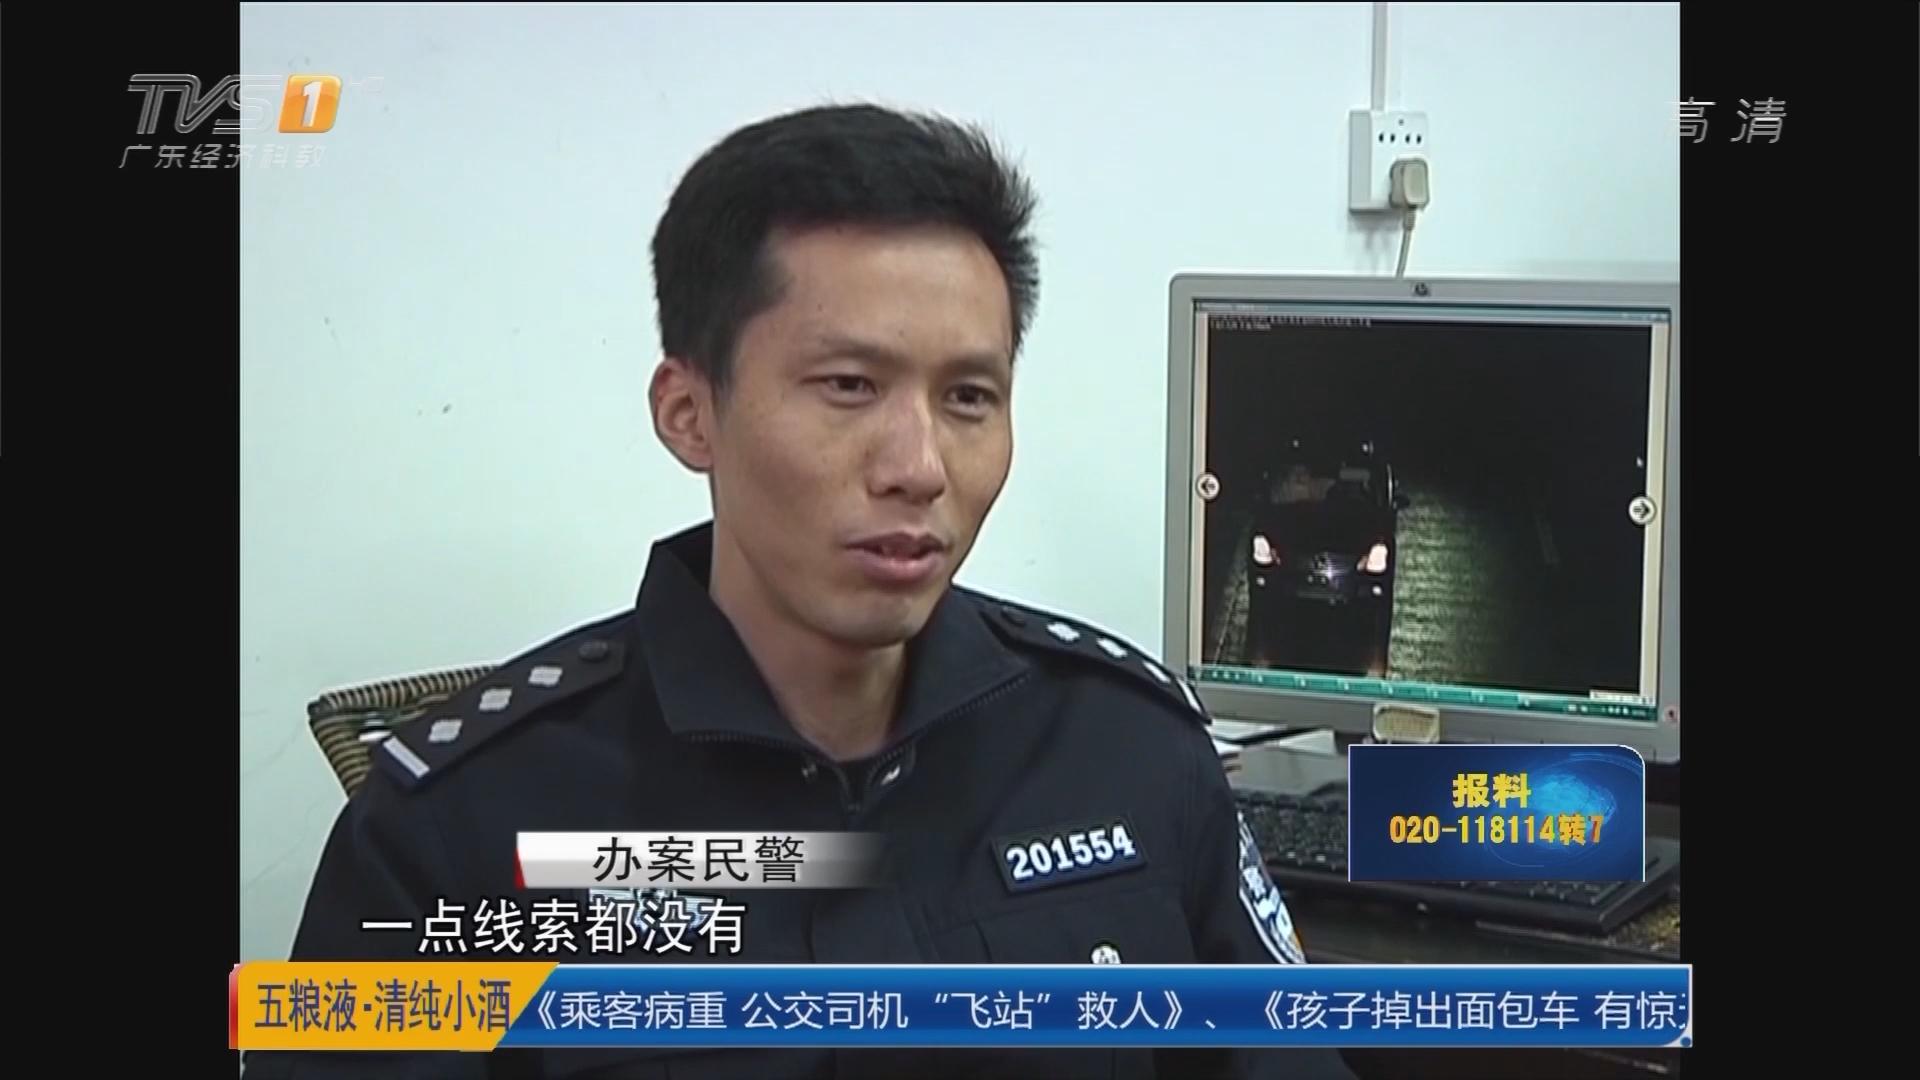 创建平安广东:阳江阳春 小偷盗14辆小车 藏匿1年被抓获